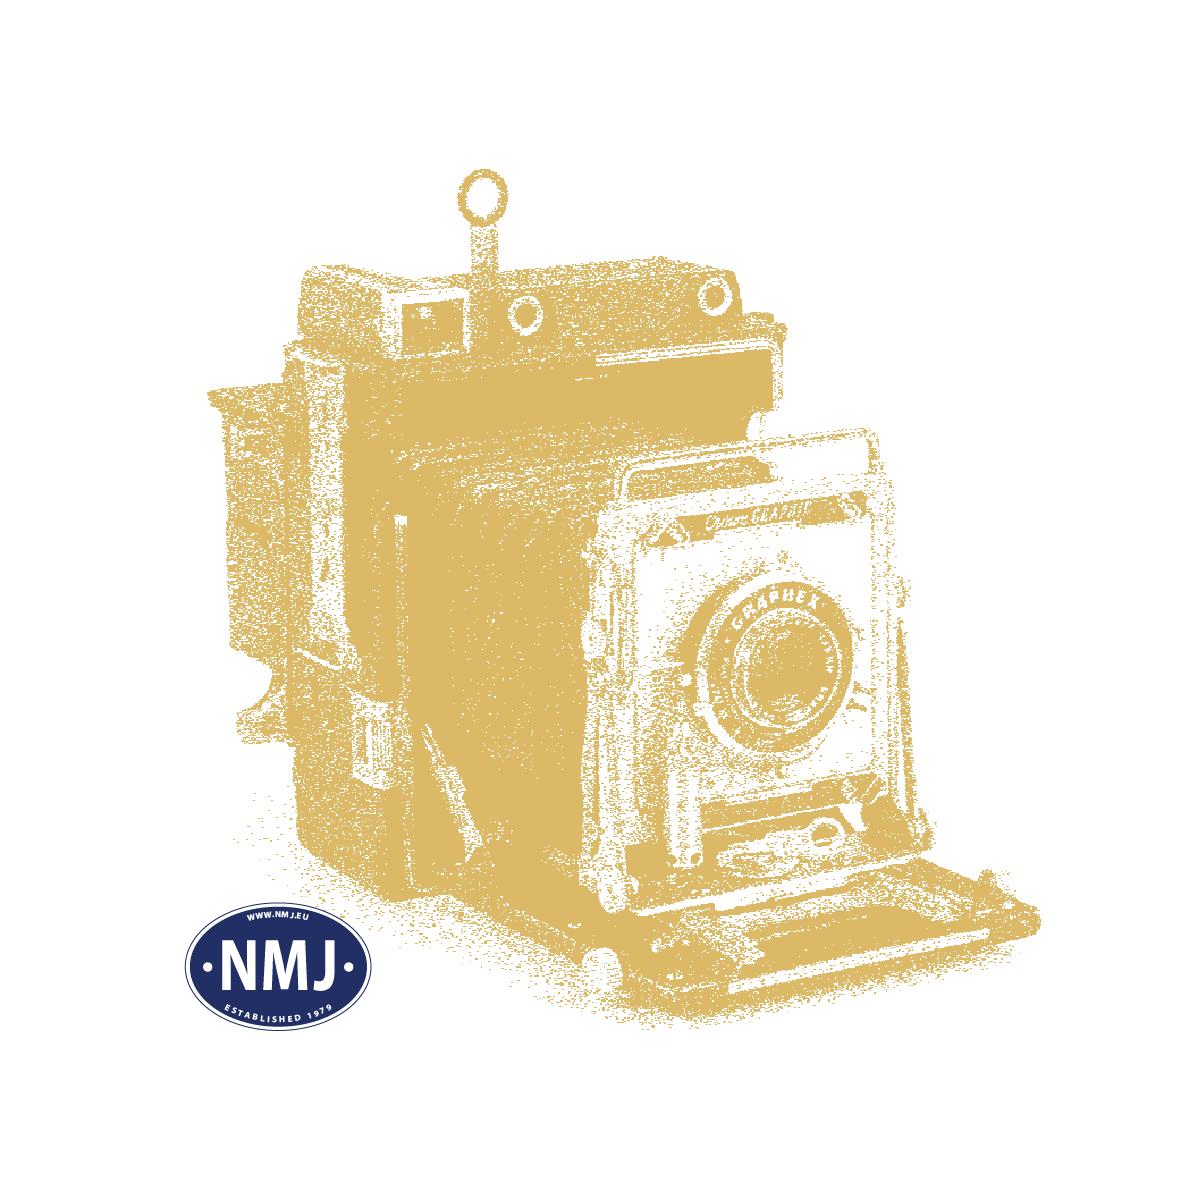 NMJT90012 - NMJ Topline NSB Di3a.619, alte Farbgebung, DC